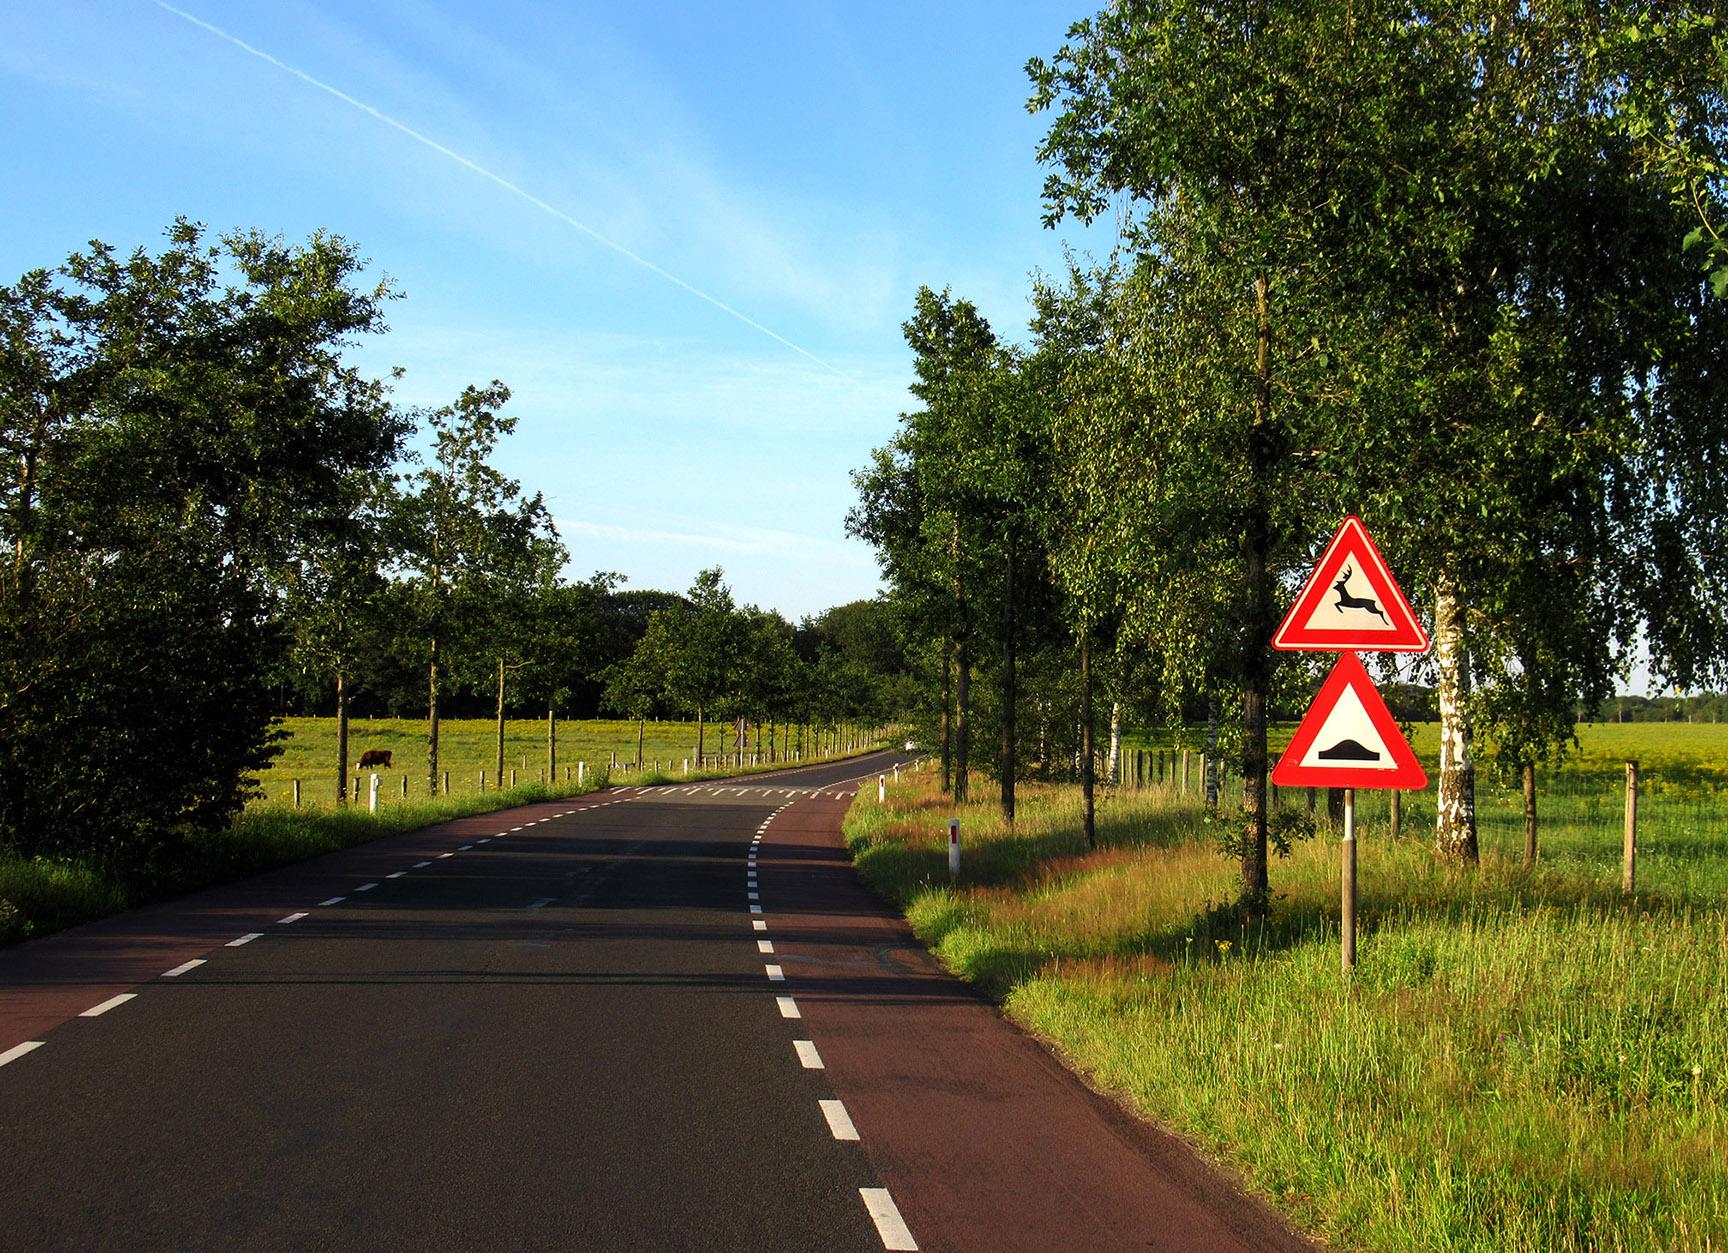 Via de Telefoonweg bij de Renkumse Heide, kijken we eventjes achterom, hier heb je vaak overstekend wild, dus uitkijken want deze borden staan er niet voor niets - Foto: ©Louis Fraanje